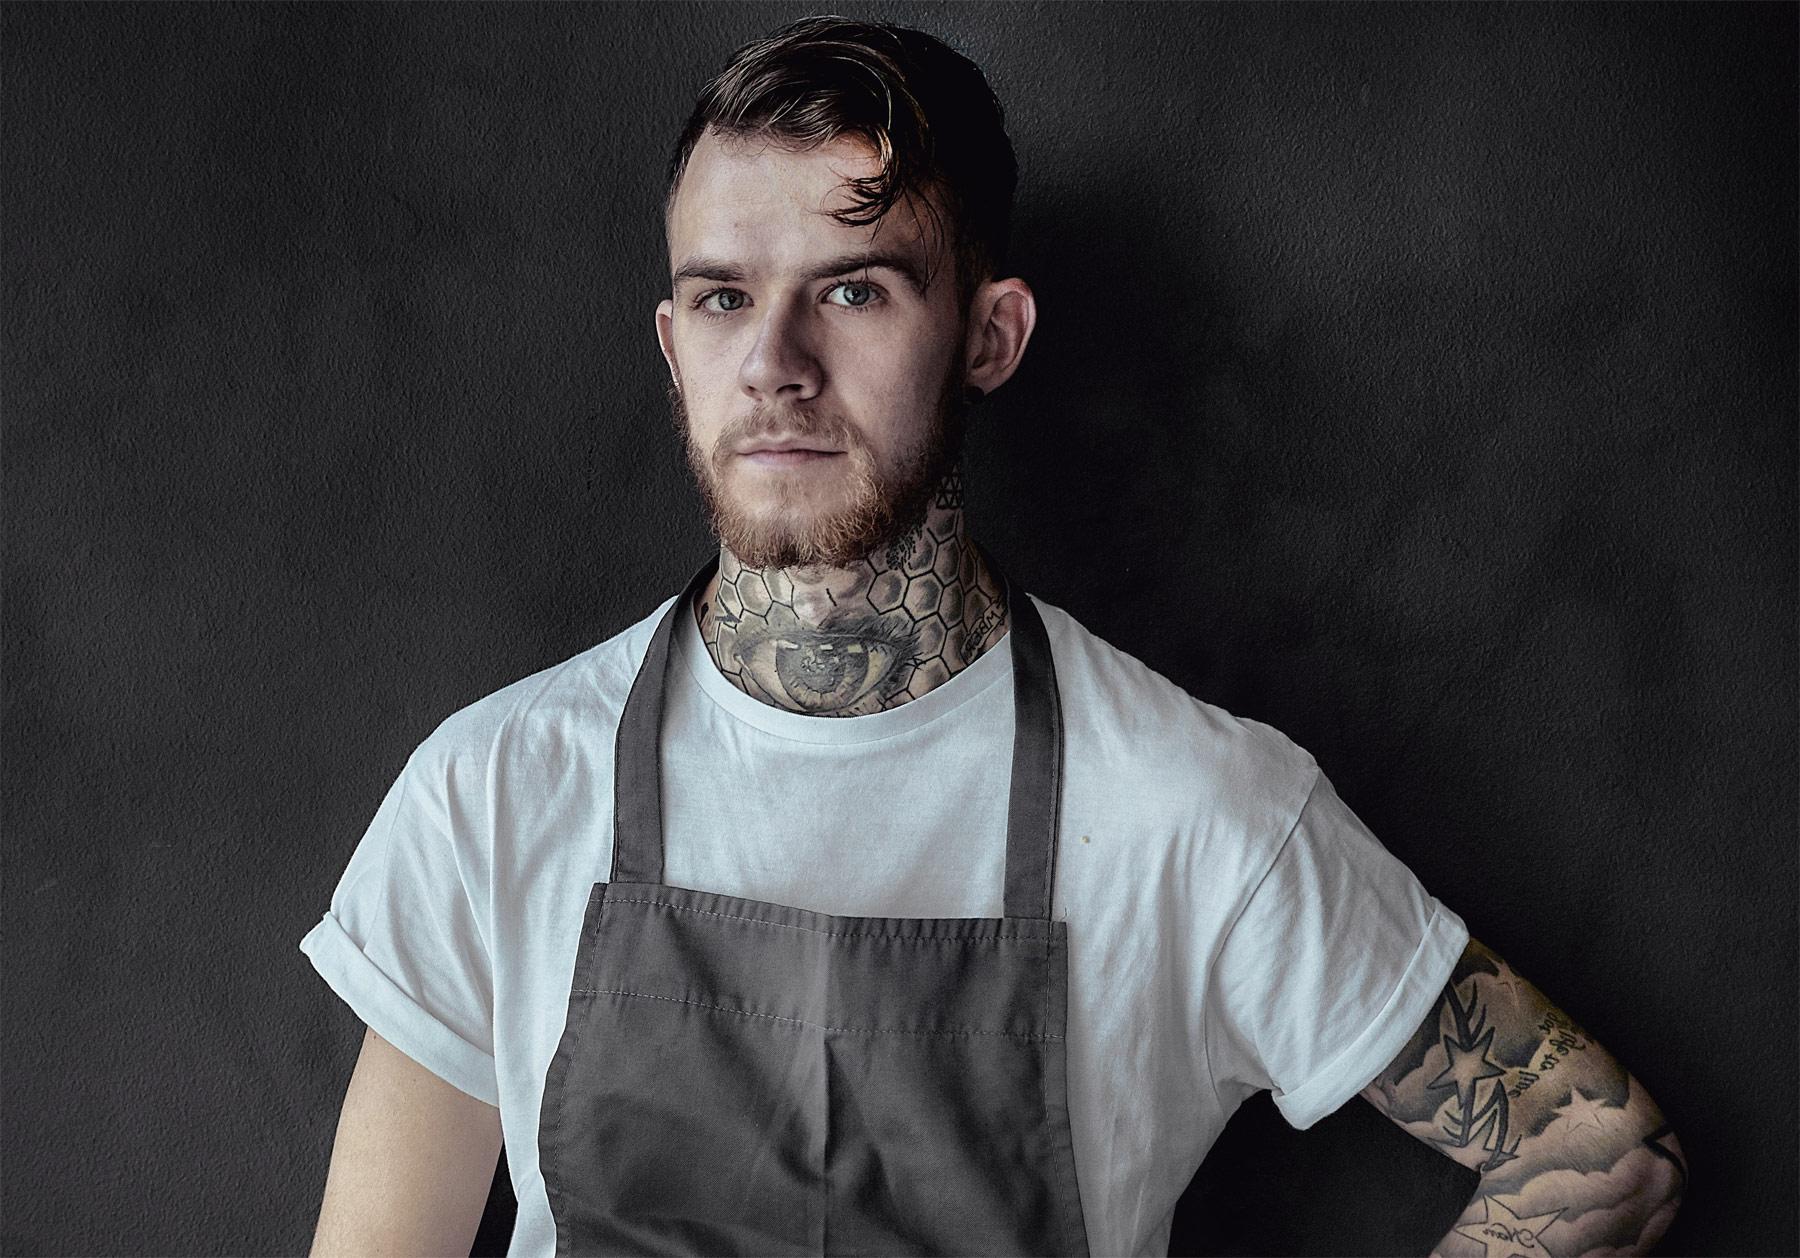 Chef Ben Murphy